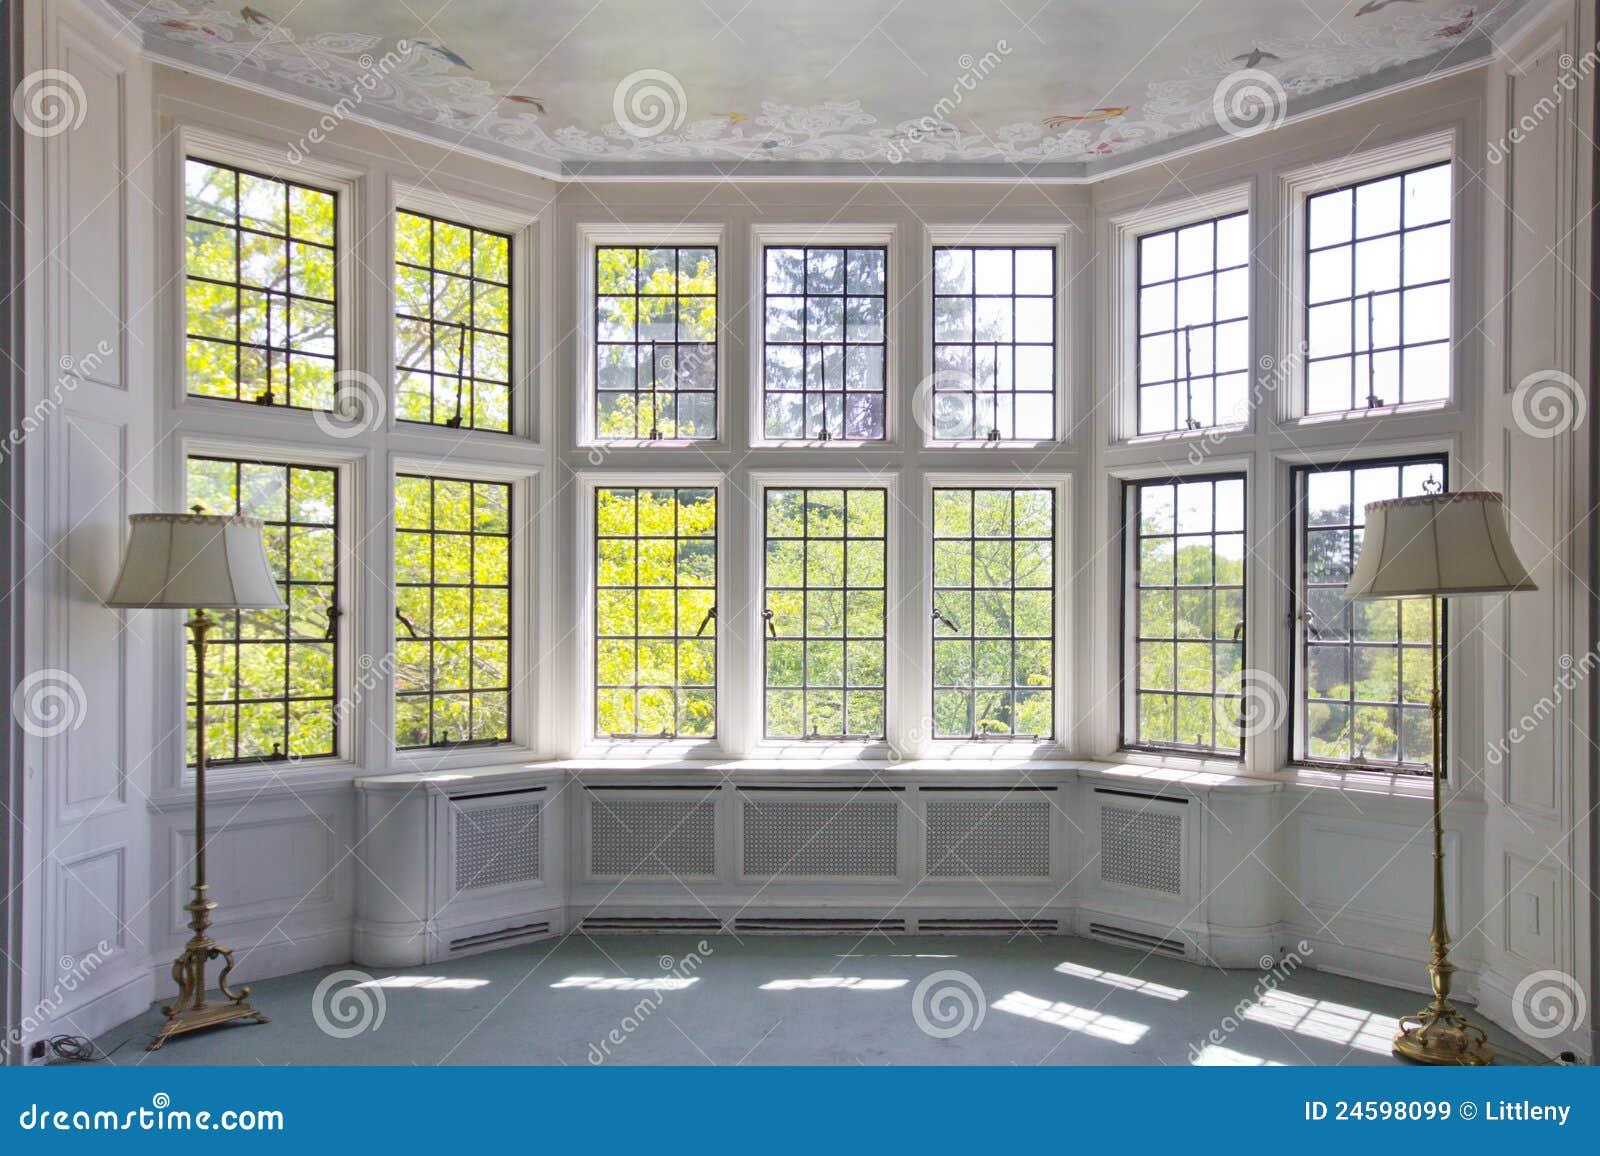 Fenster innenraum  Französischer Scheiben-Fenster-Innenraum Lizenzfreie Stockbilder ...